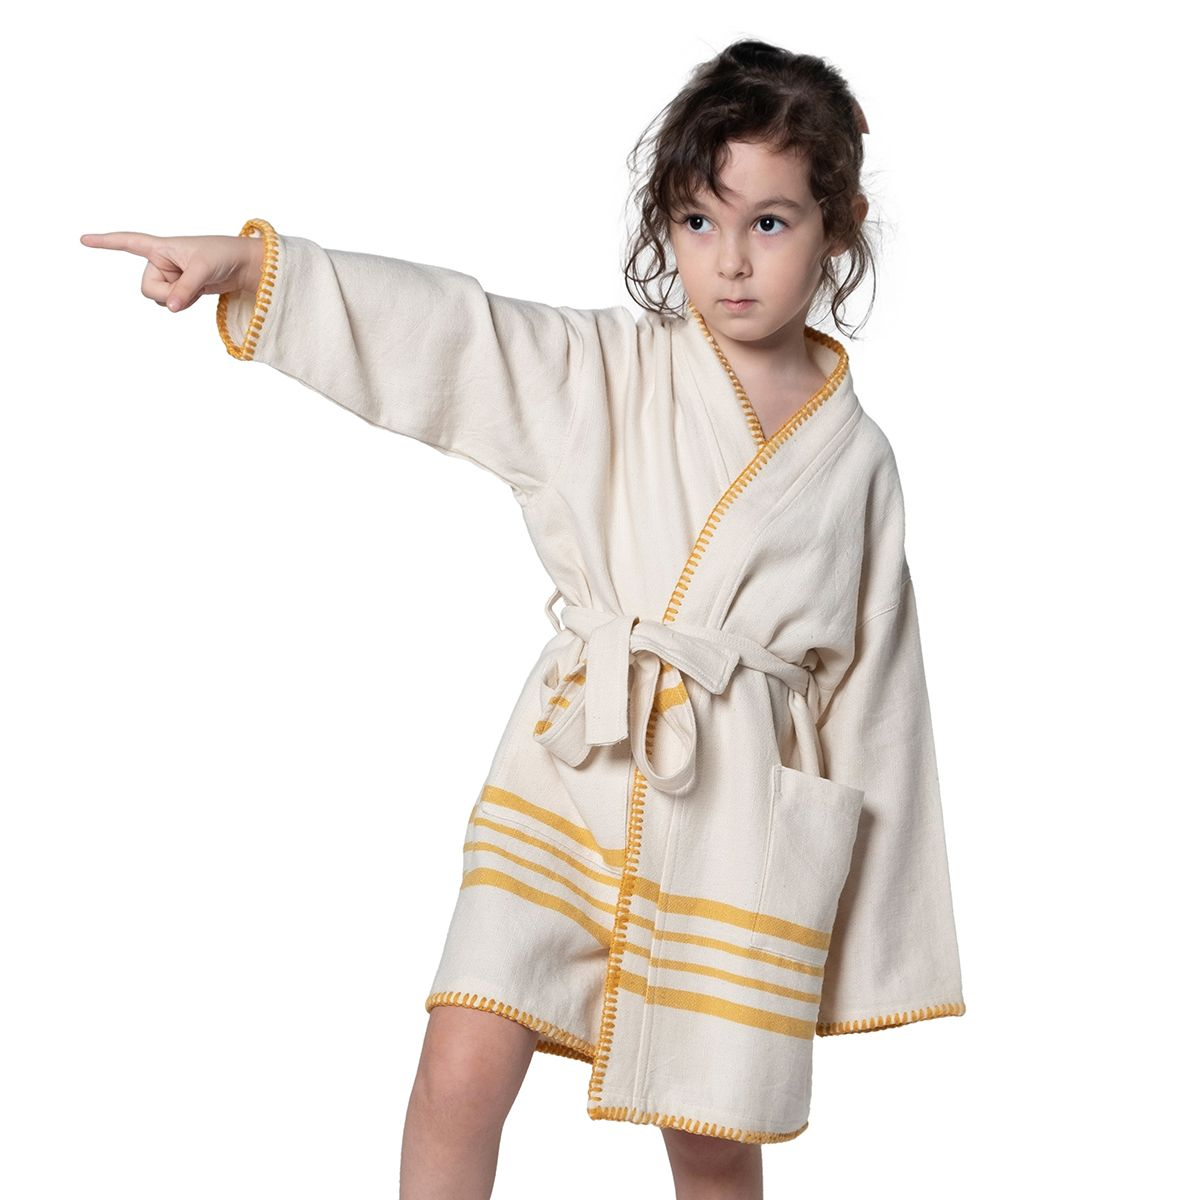 Bathrobe Kiddo Coban - Yellow Stripes